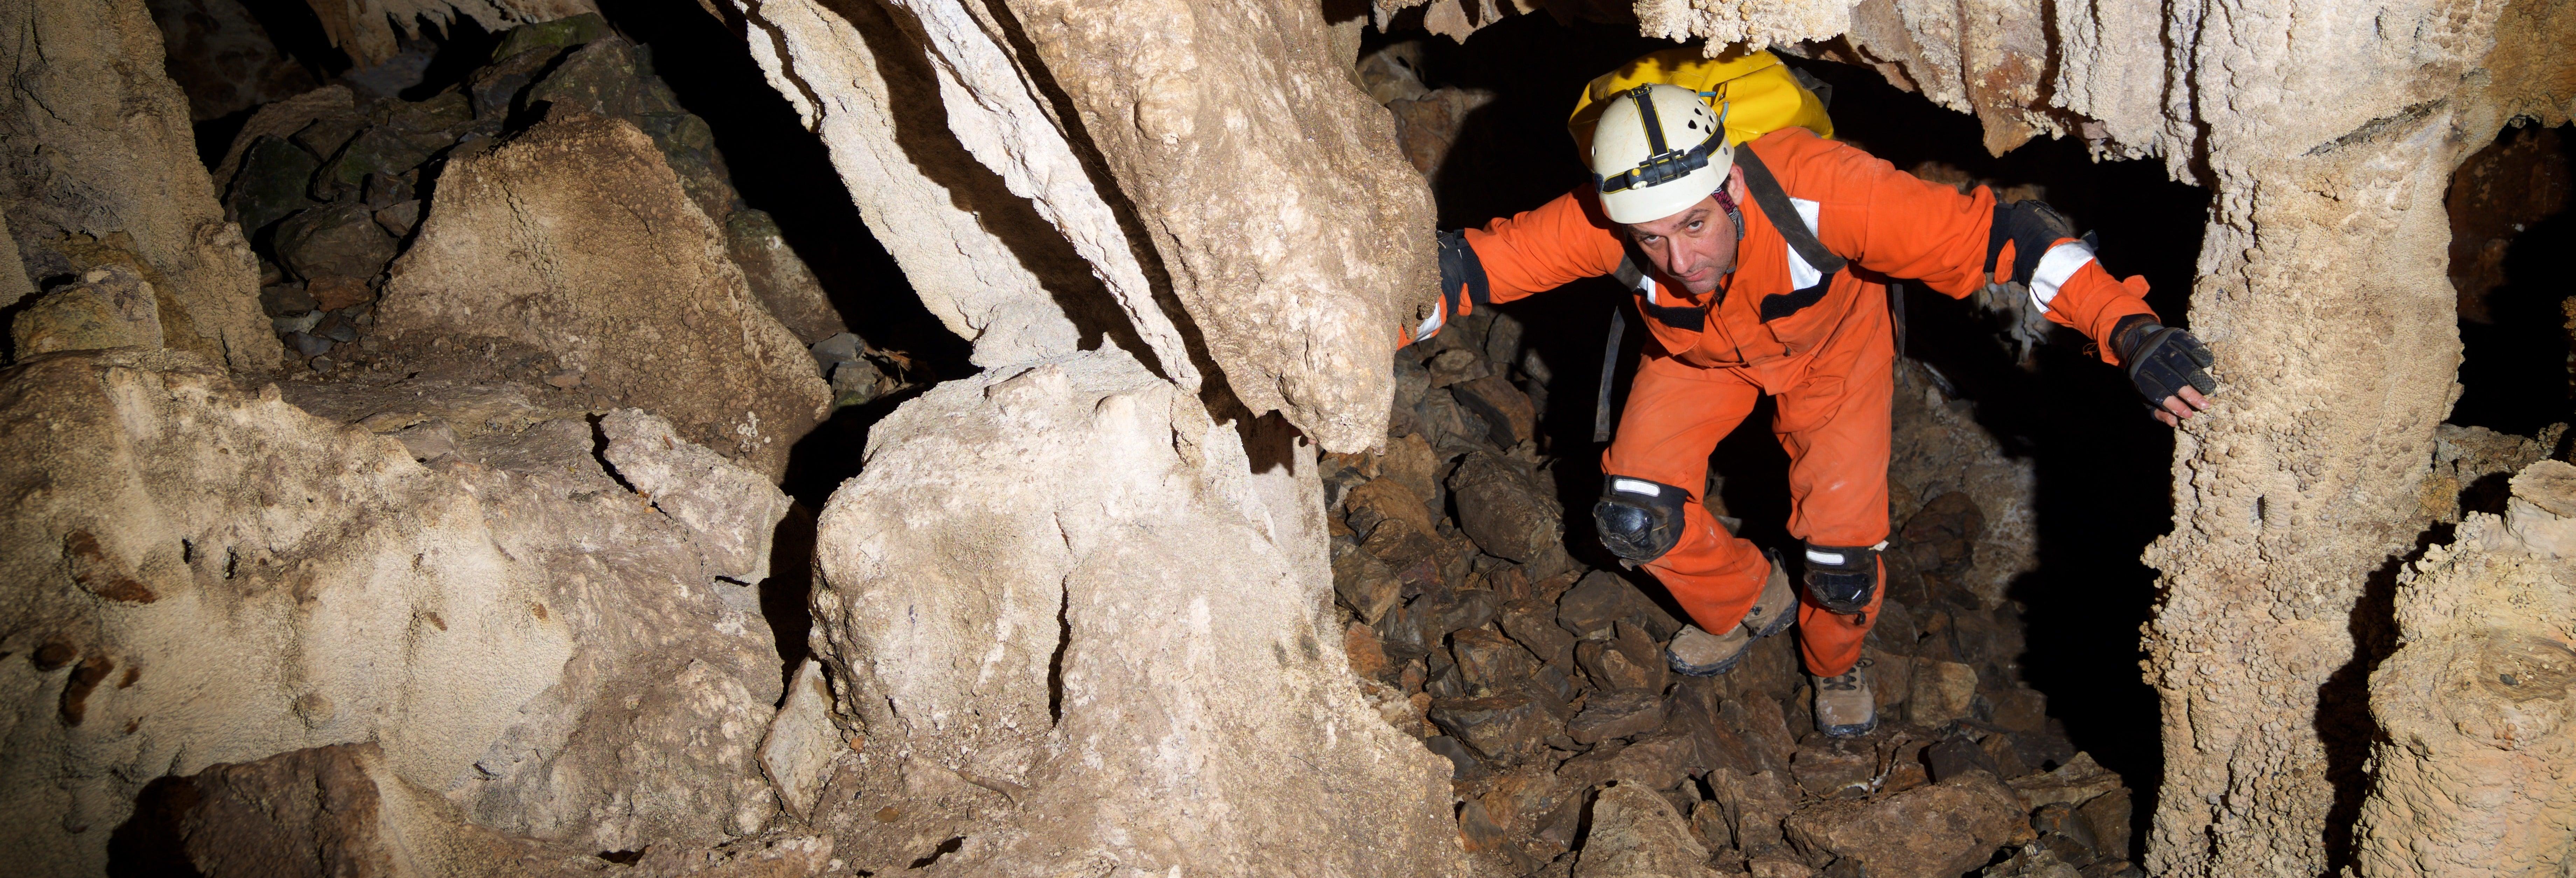 Excursión a la Reserva Natural Caverna de las Brujas